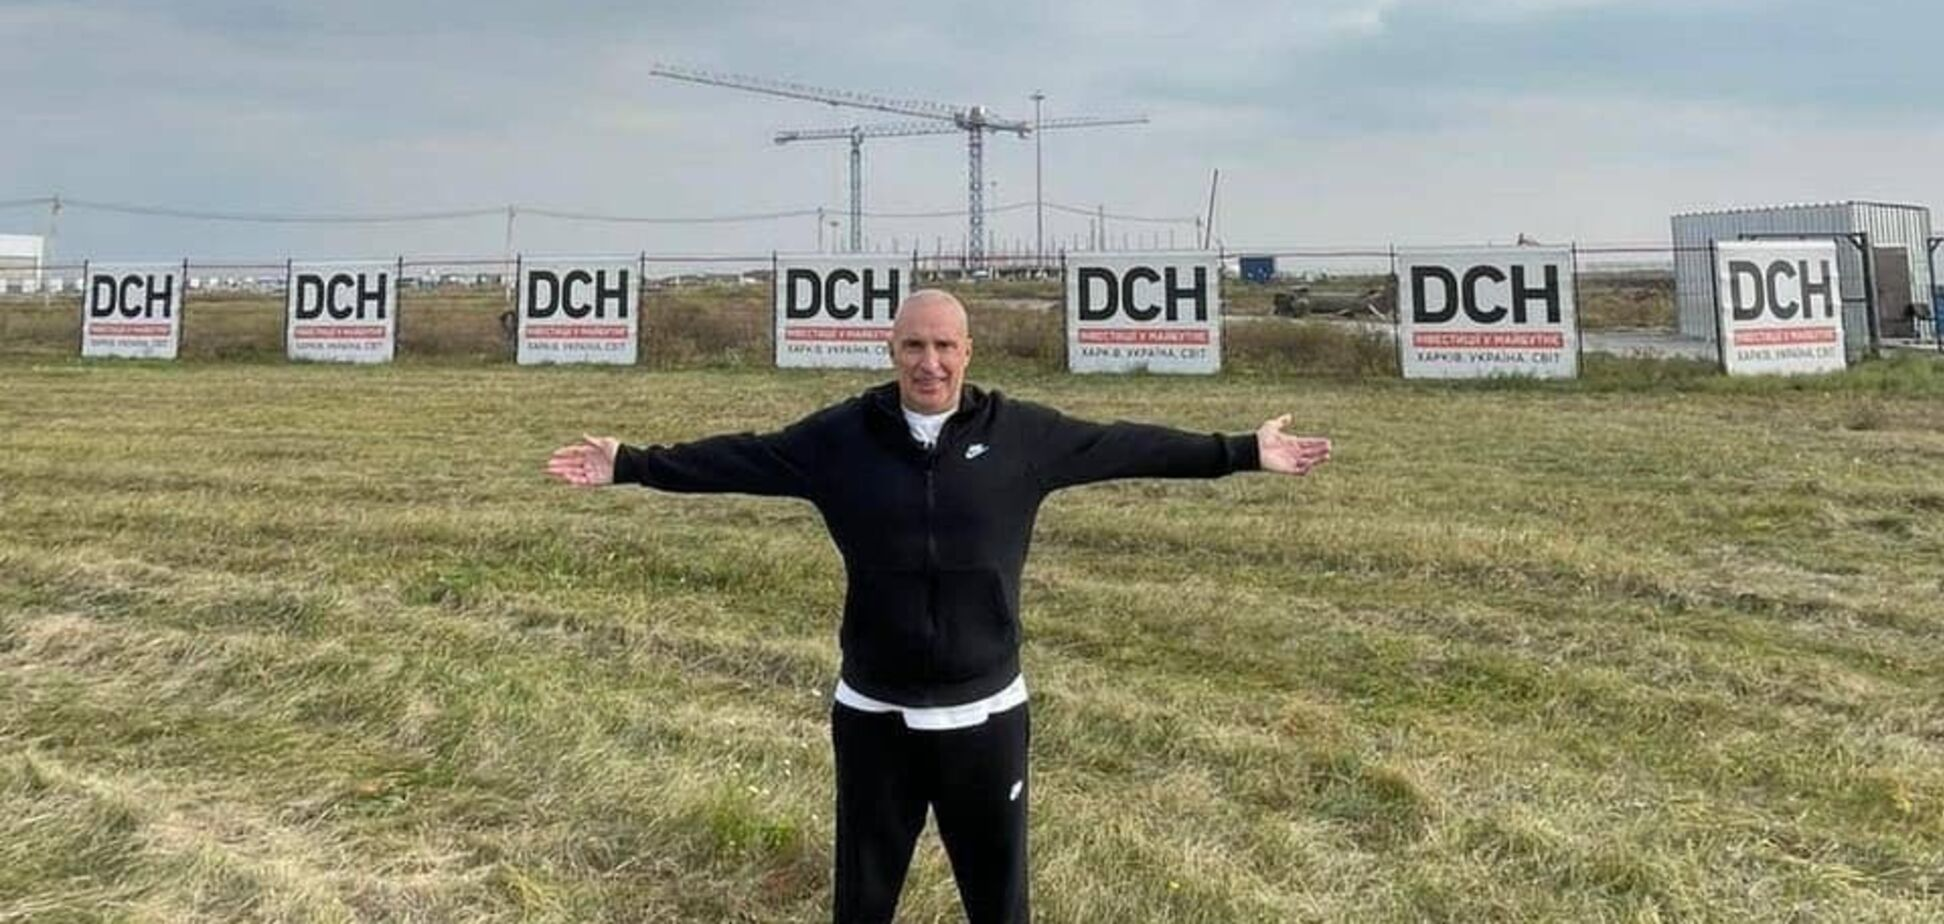 Аеропорт у Дніпрі цілком реально побудувати вже до кінця 2022 року, – Ярославський